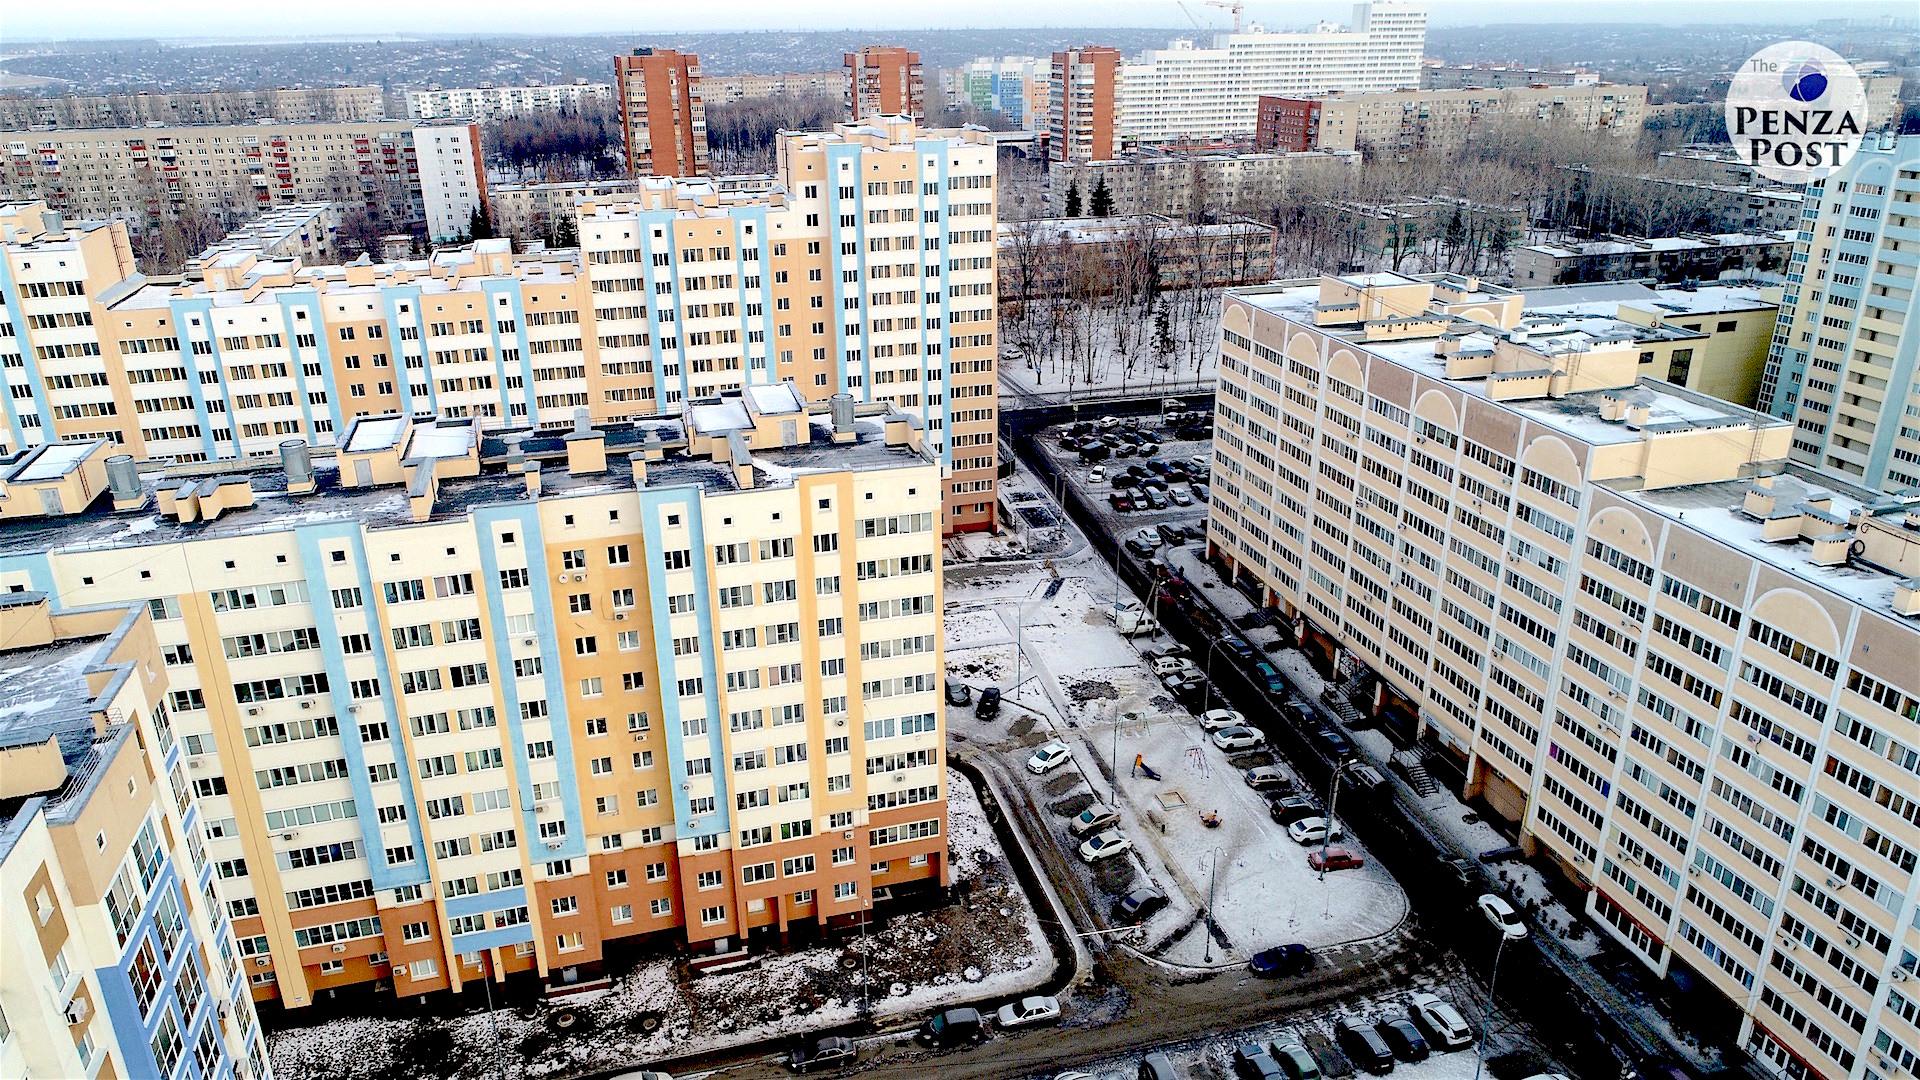 Пензенская область вошла в ТОП-30 регионов-лидеров по средней цене 1 кв. м в строящемся жилье